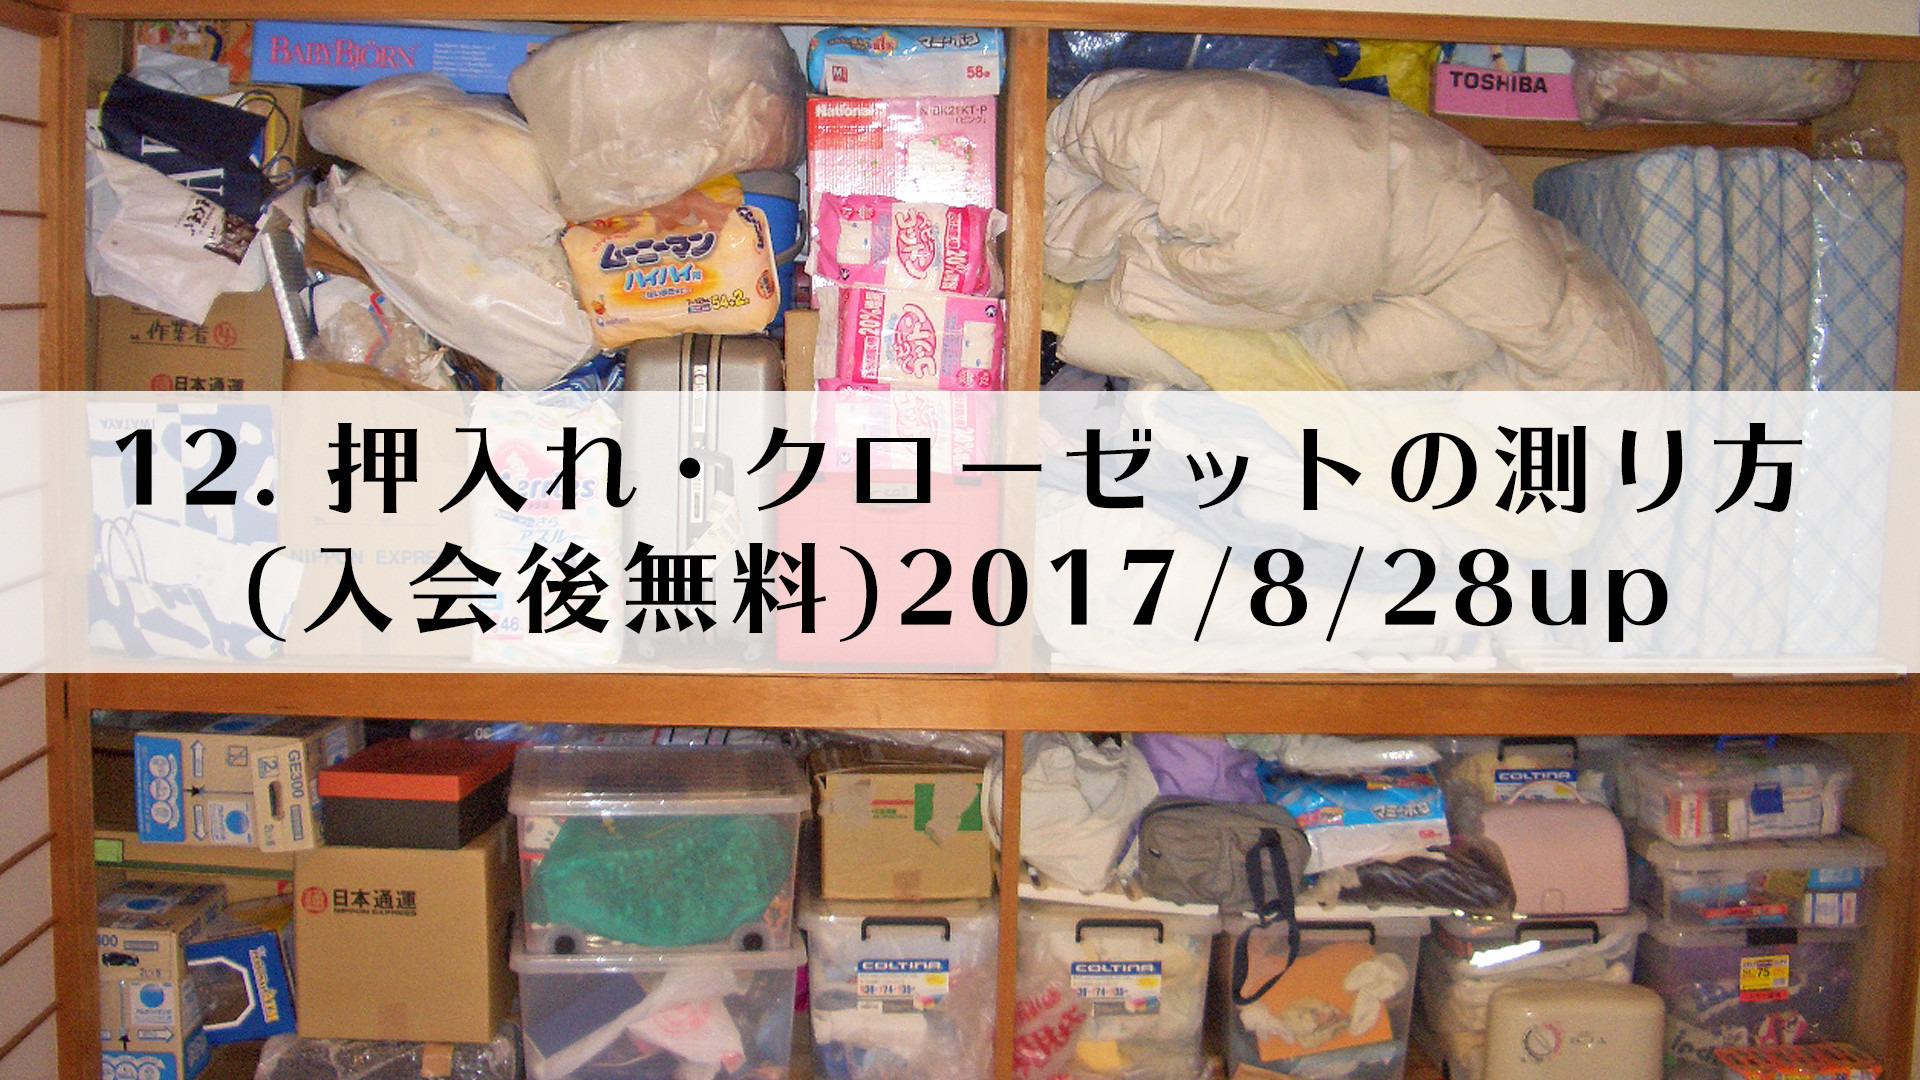 12.押入れ・クローゼットの測り方(入会後無料)2017/8/28up